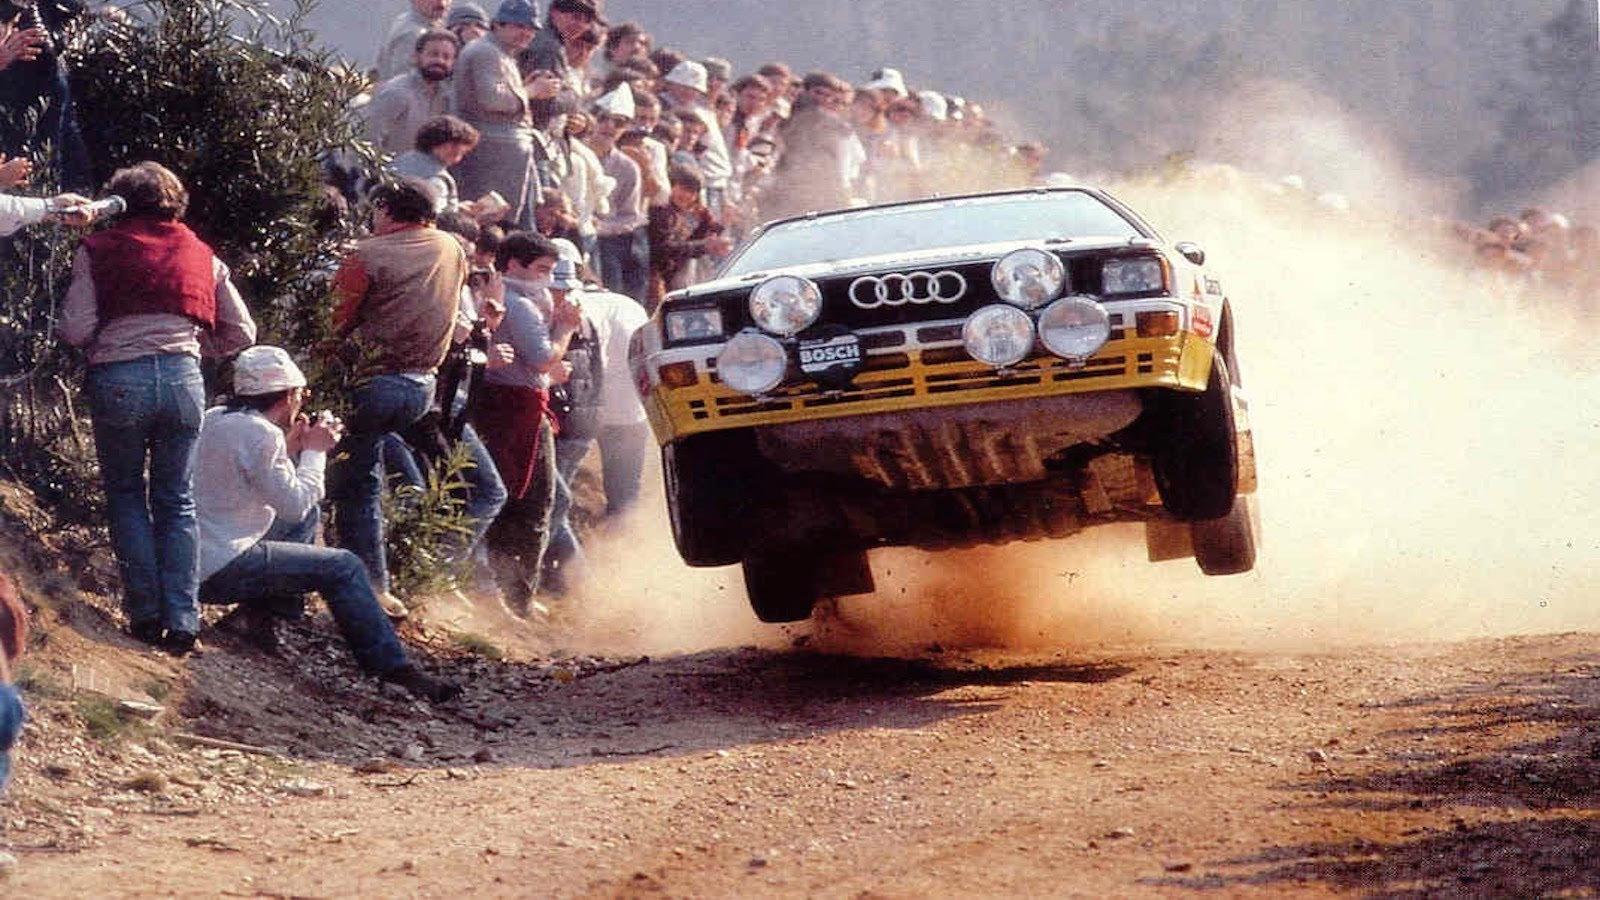 Walter Rohrl: The Audi Icon